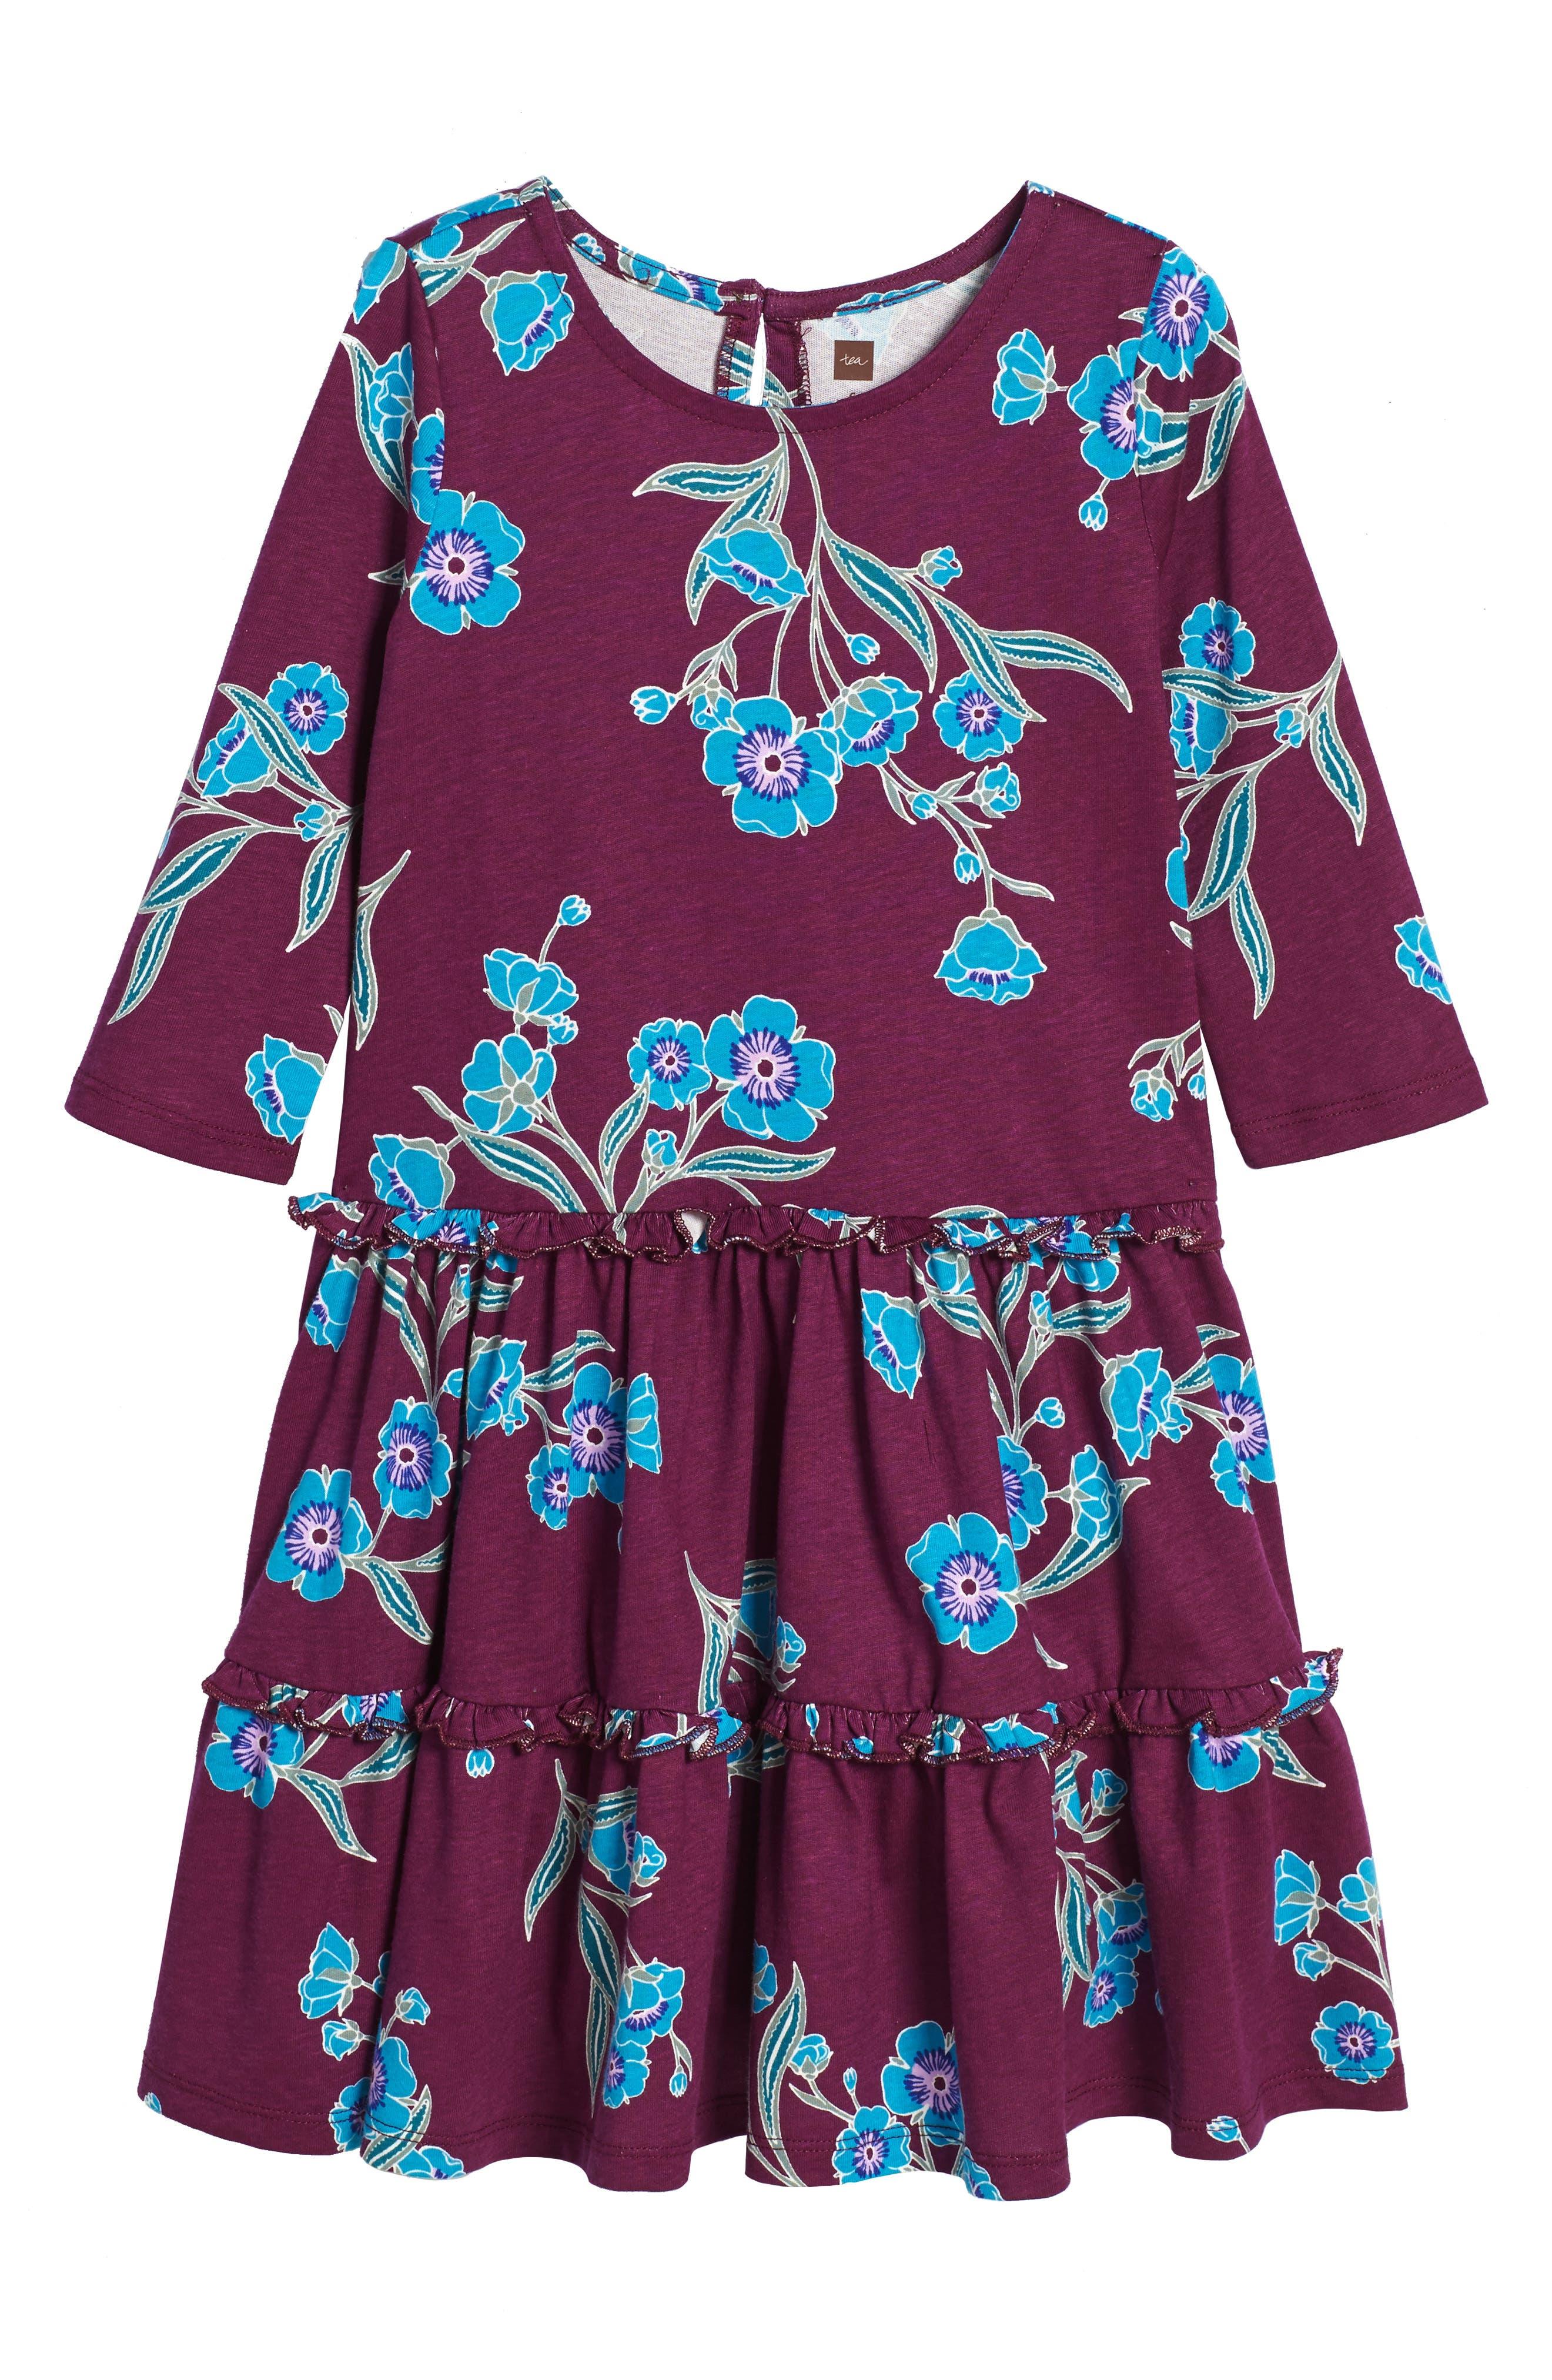 Tea Collection Marjorie Tiered Dress (Toddler Girls, Little Girls & Big Girls)